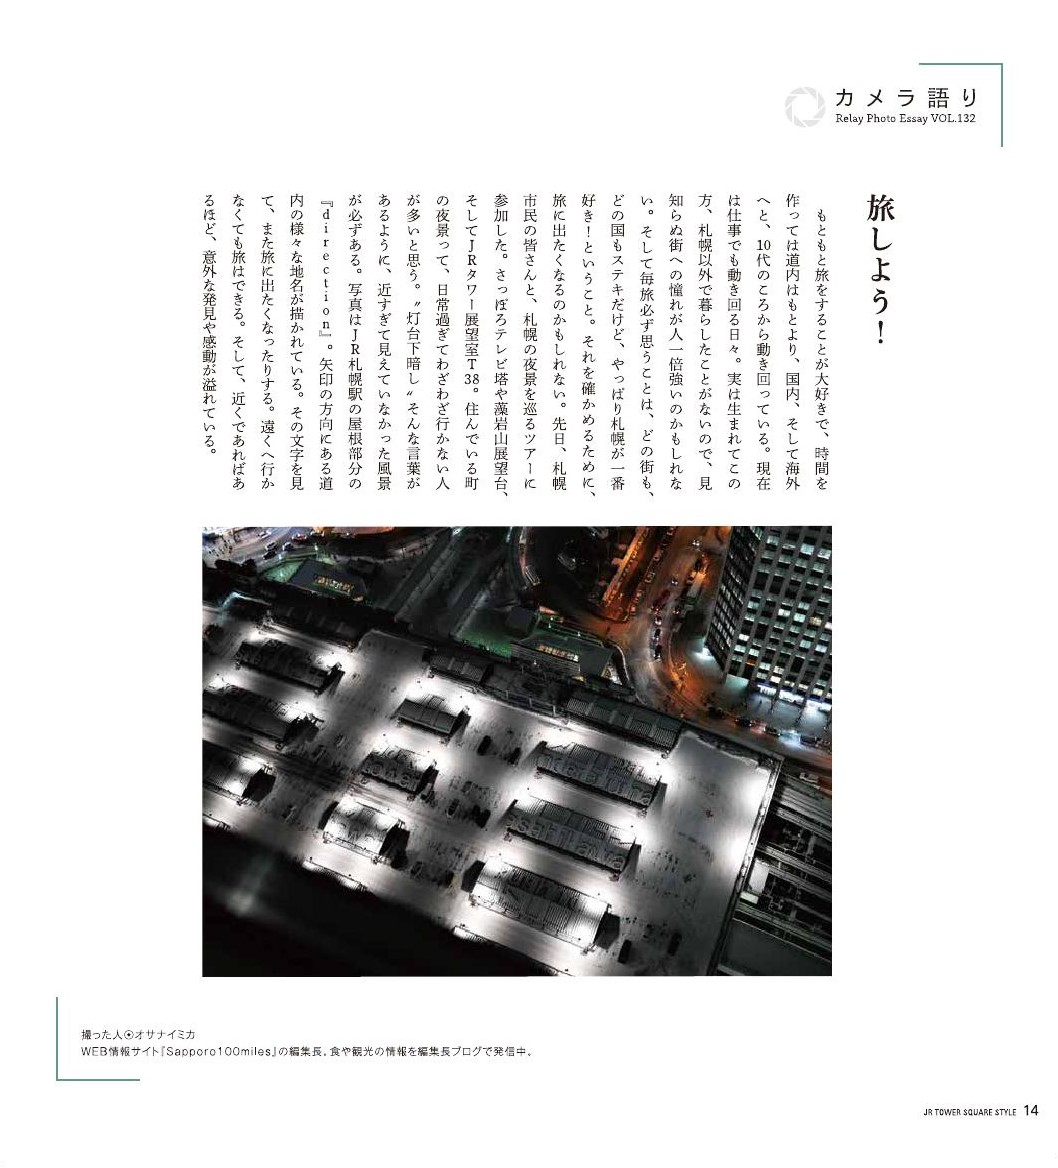 JRタワー会報誌_000001